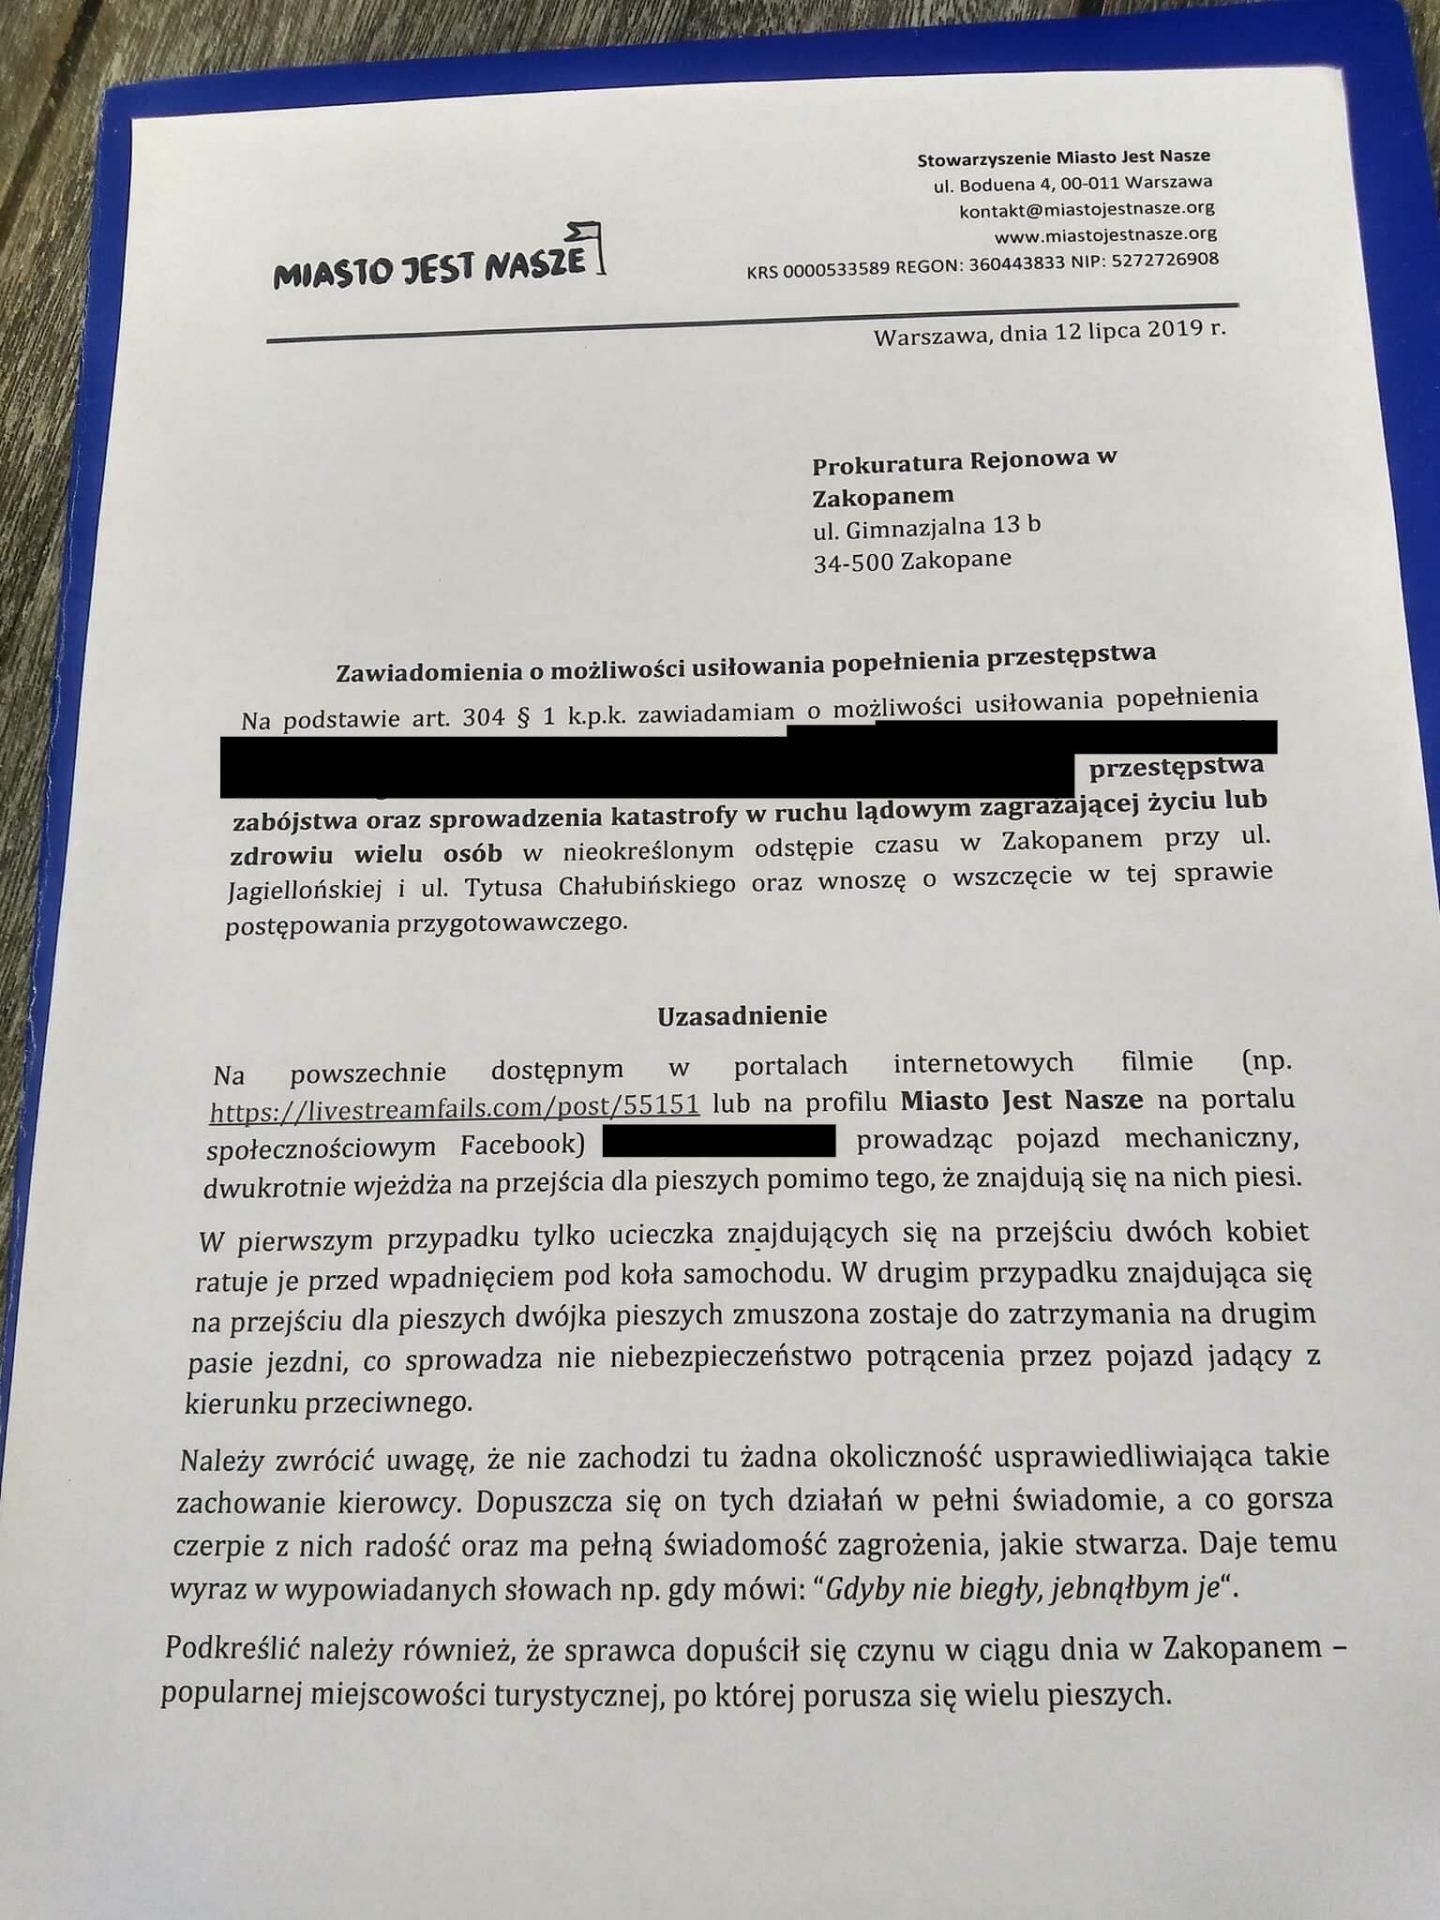 Patostreamer drogowy zgłoszony doprokuratury